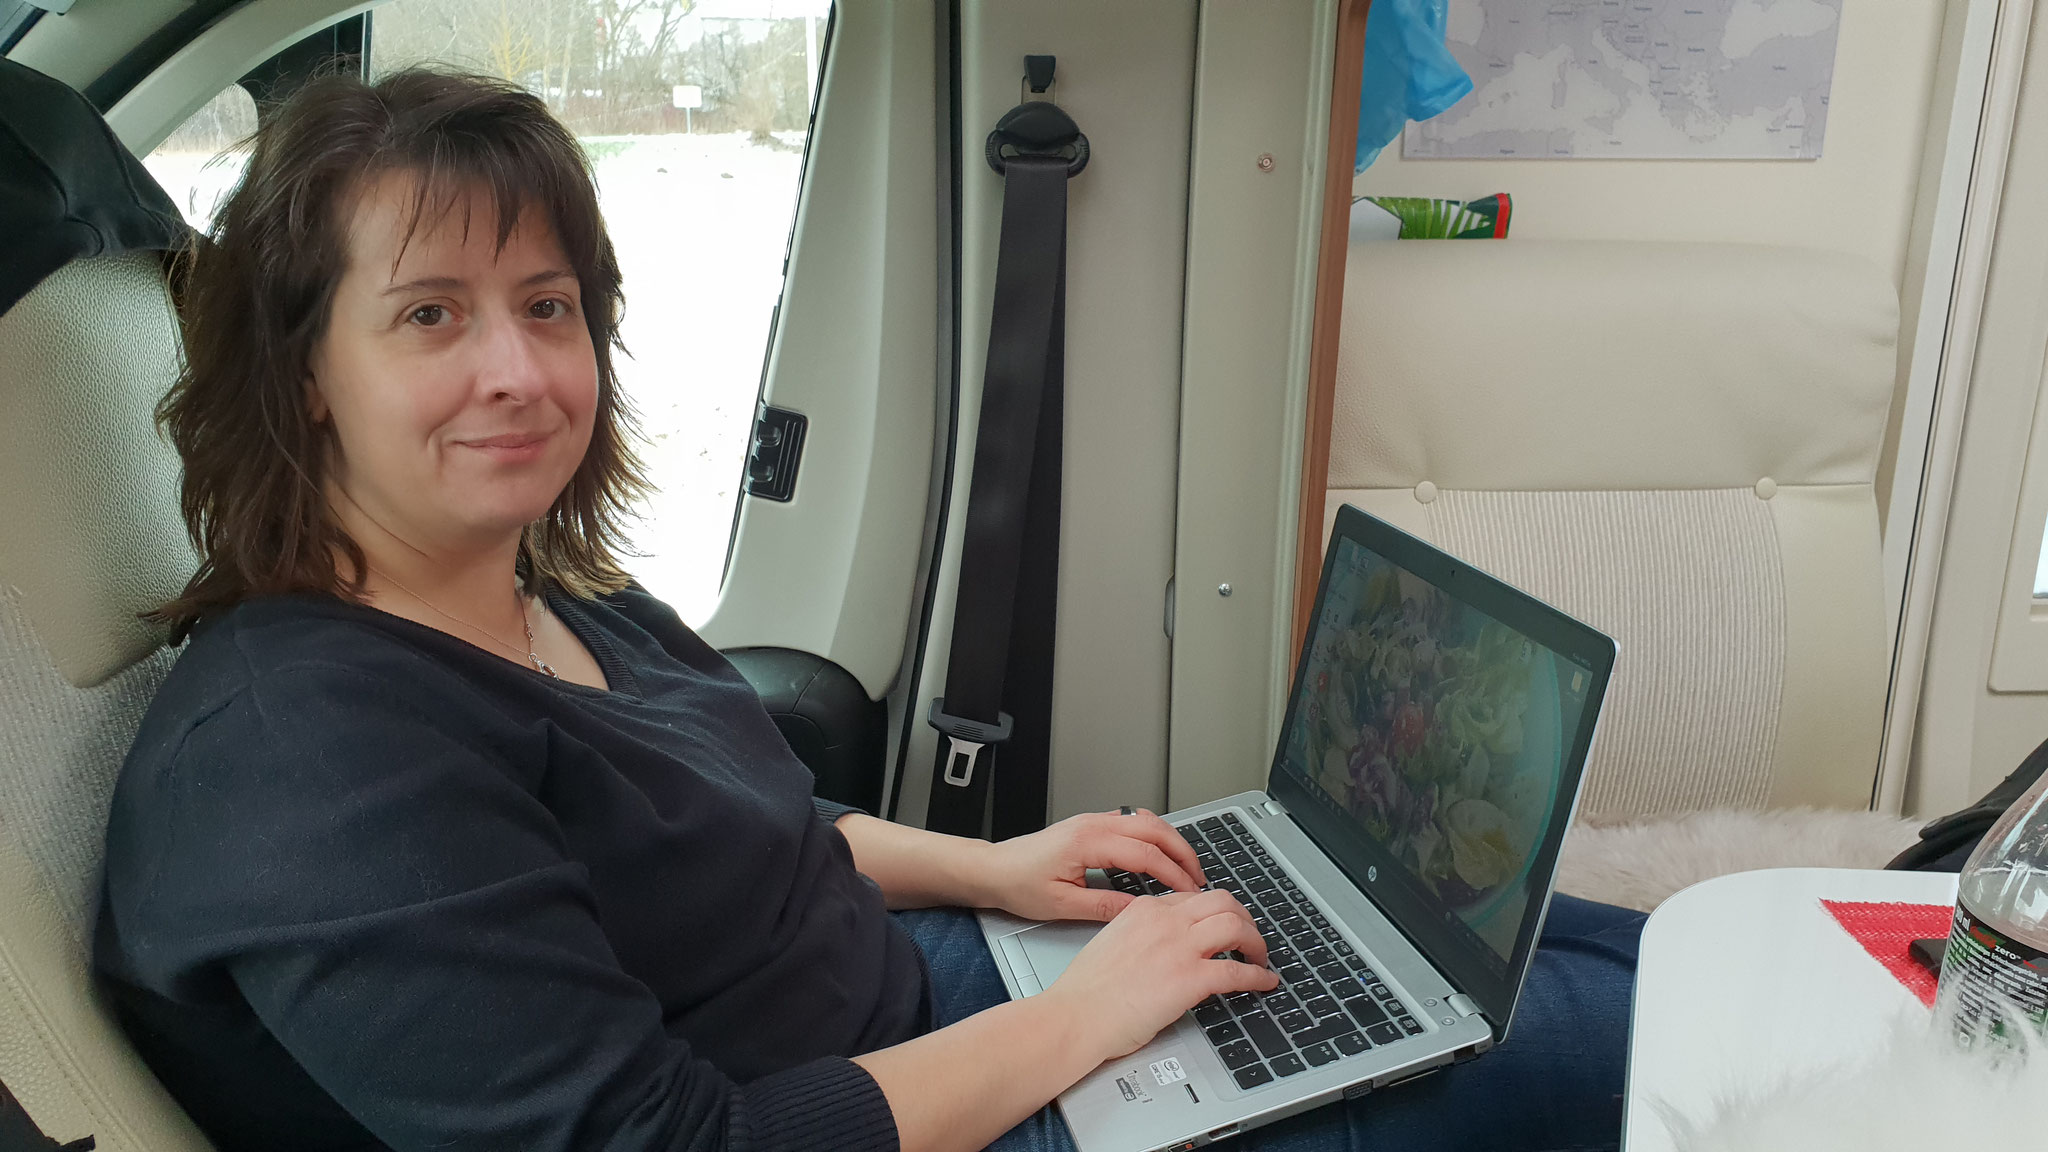 Der Reiseblog muss noch geschrieben werden